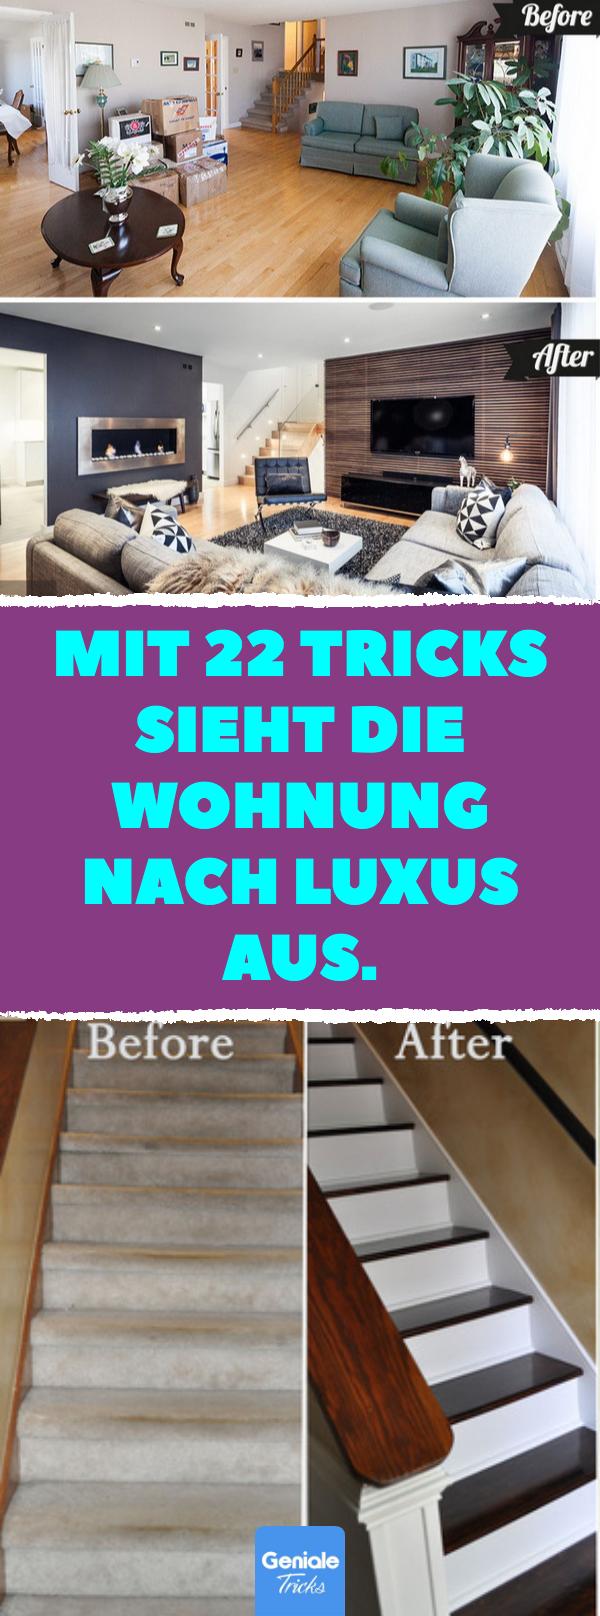 Mit 22 Tricks sieht die Wohnung nach Luxus aus. #hausinterieurs